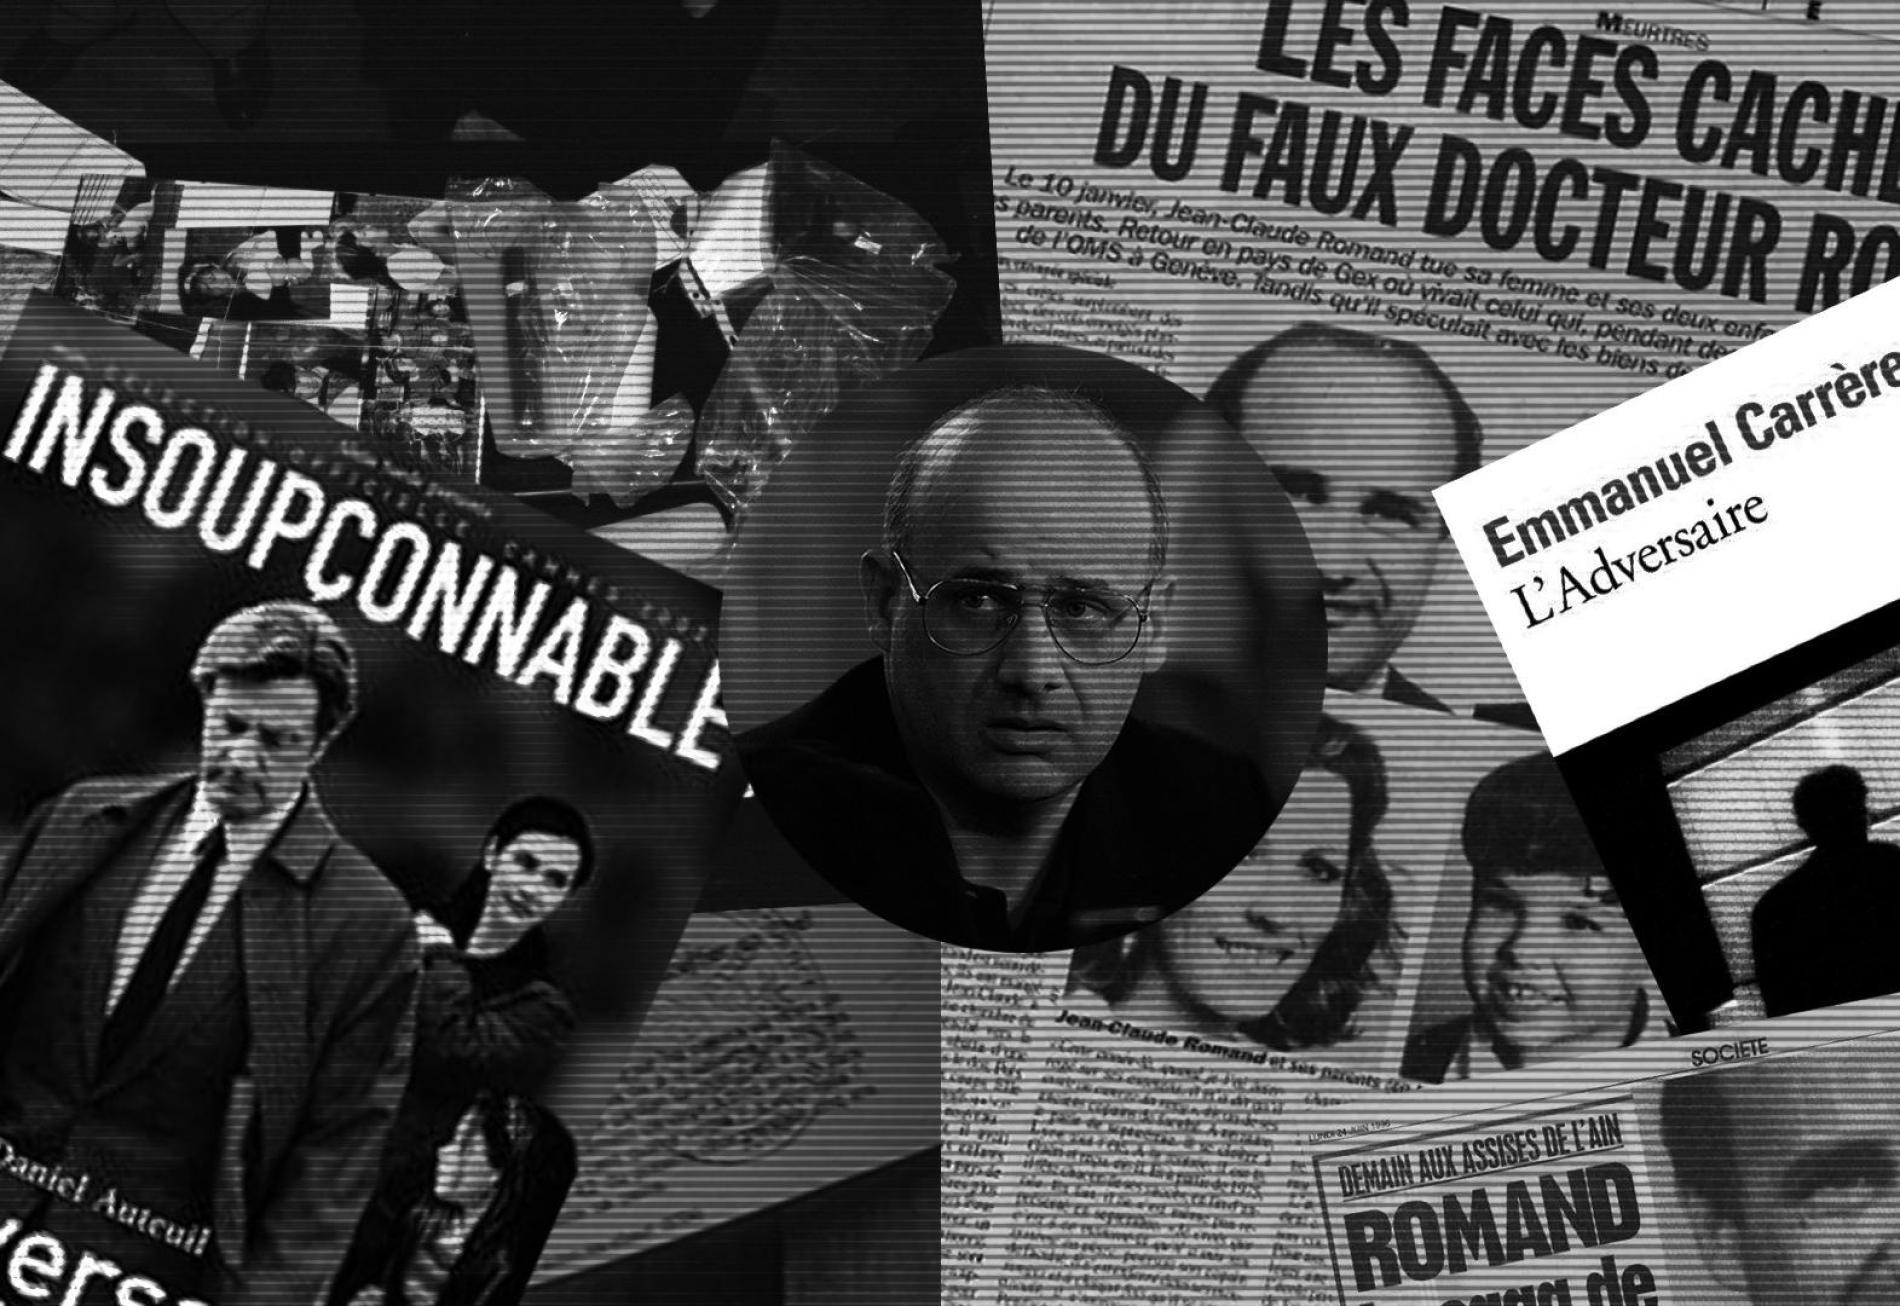 L\'affaire Romand a donné lieu à un procès très médiatique qui s\'est ouvert le 25 juin1996. Elle a également fasciné écrivains et réalisateurs qui s\'en sont emparés.